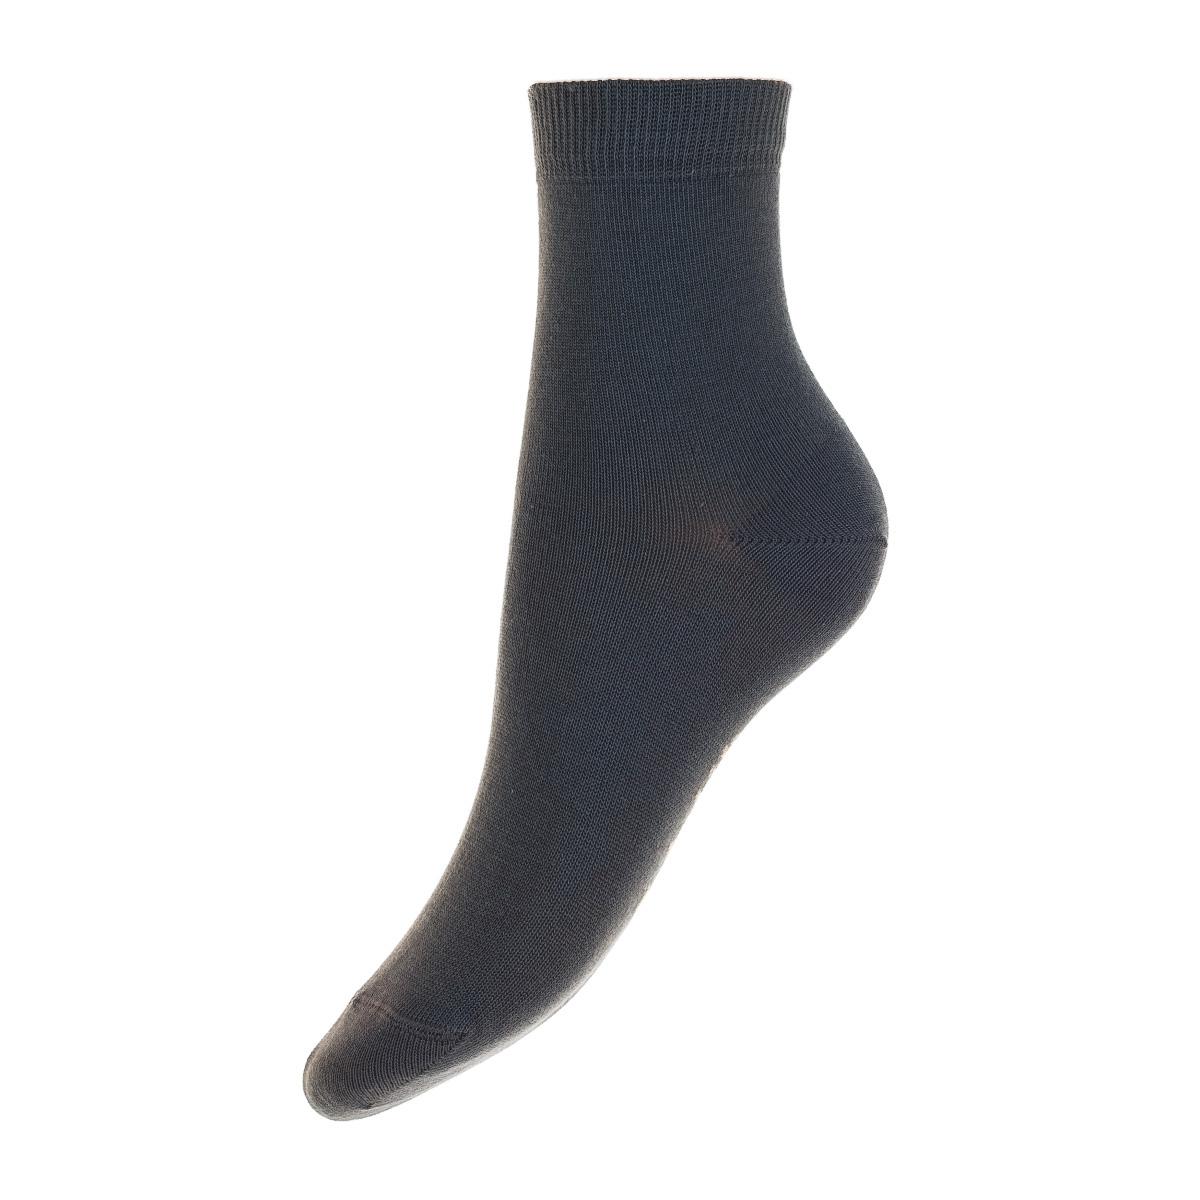 00051-238Удобные носочки для девочки Conte-kids Tip-top, изготовленные из высококачественного комбинированного материала, очень мягкие и приятные на ощупь, позволяют коже дышать. Модель оформлена эластичной резинкой в паголенке, которая плотно облегает ногу, обеспечивая комфорт и удобство.